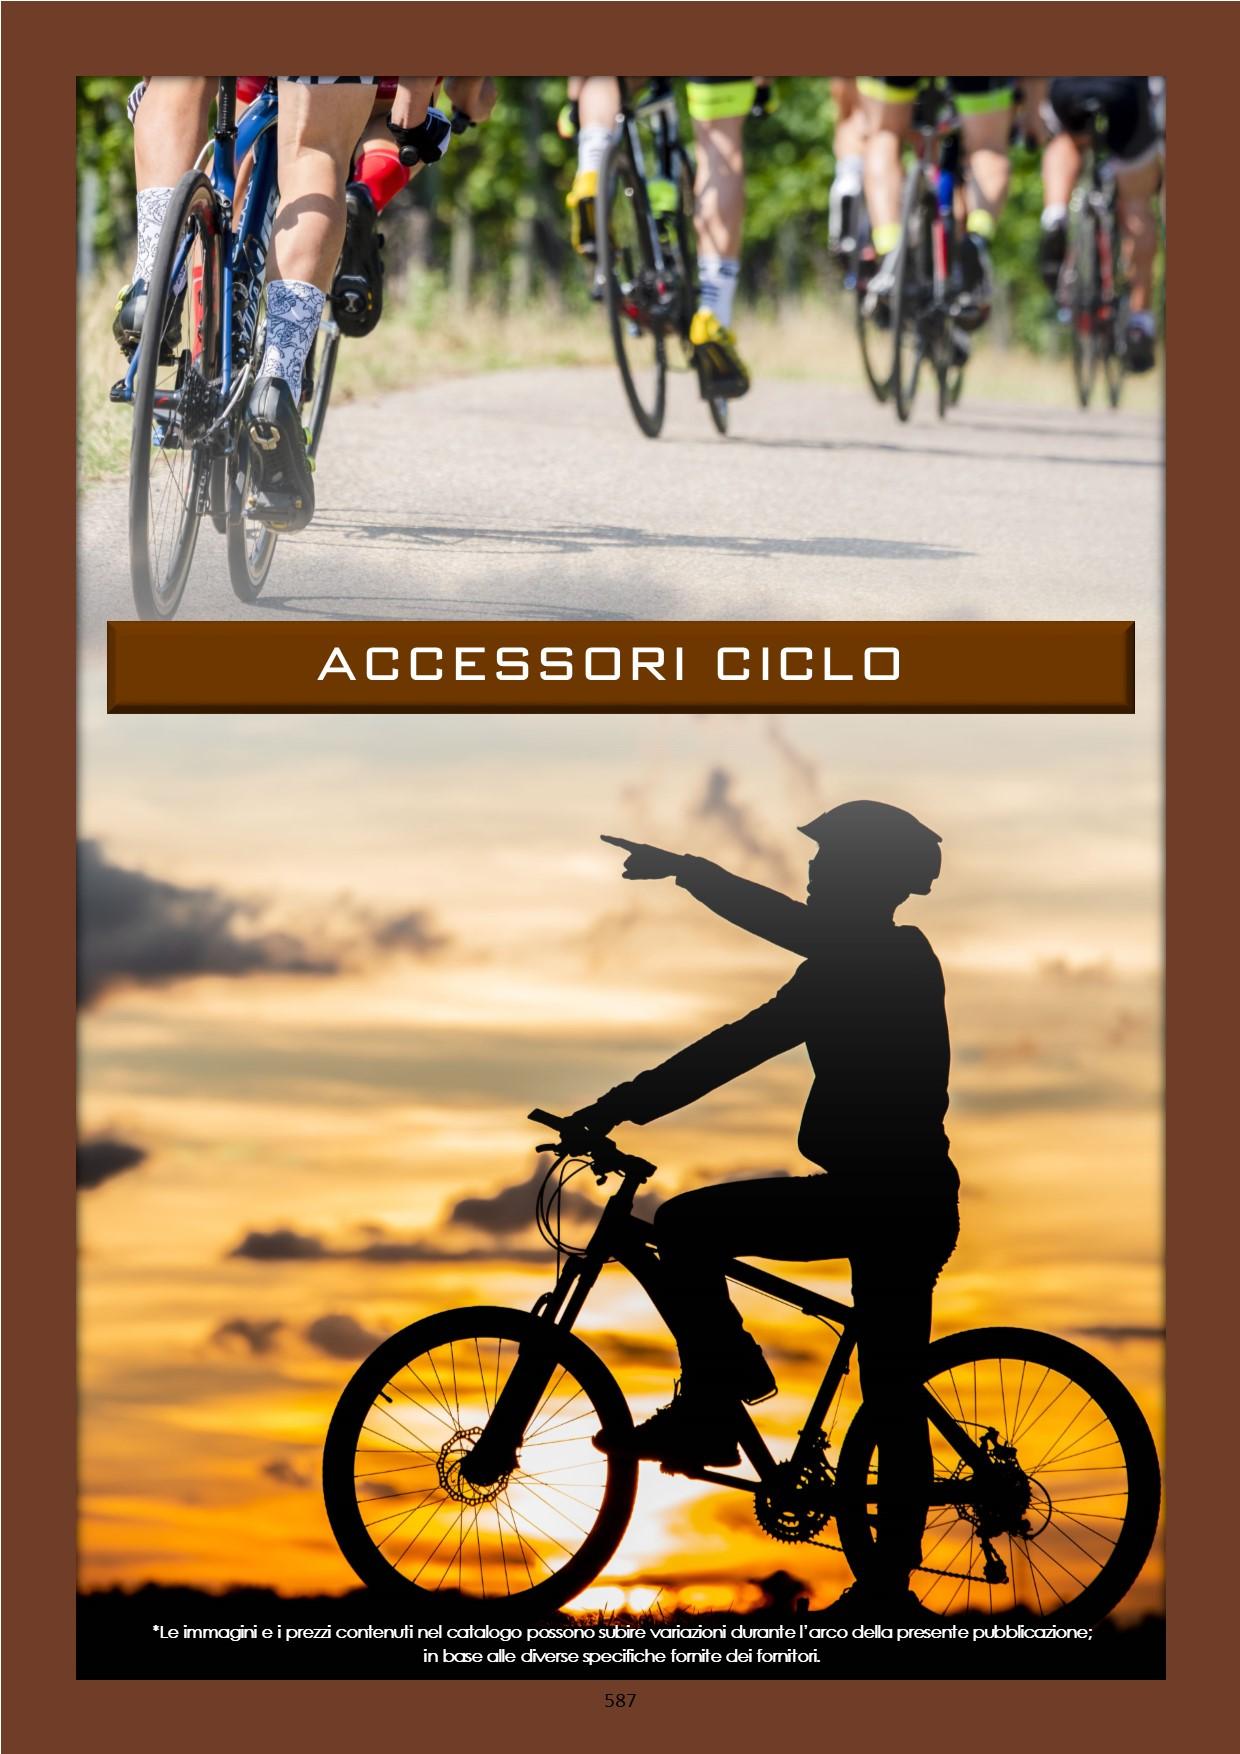 Accessori ciclo